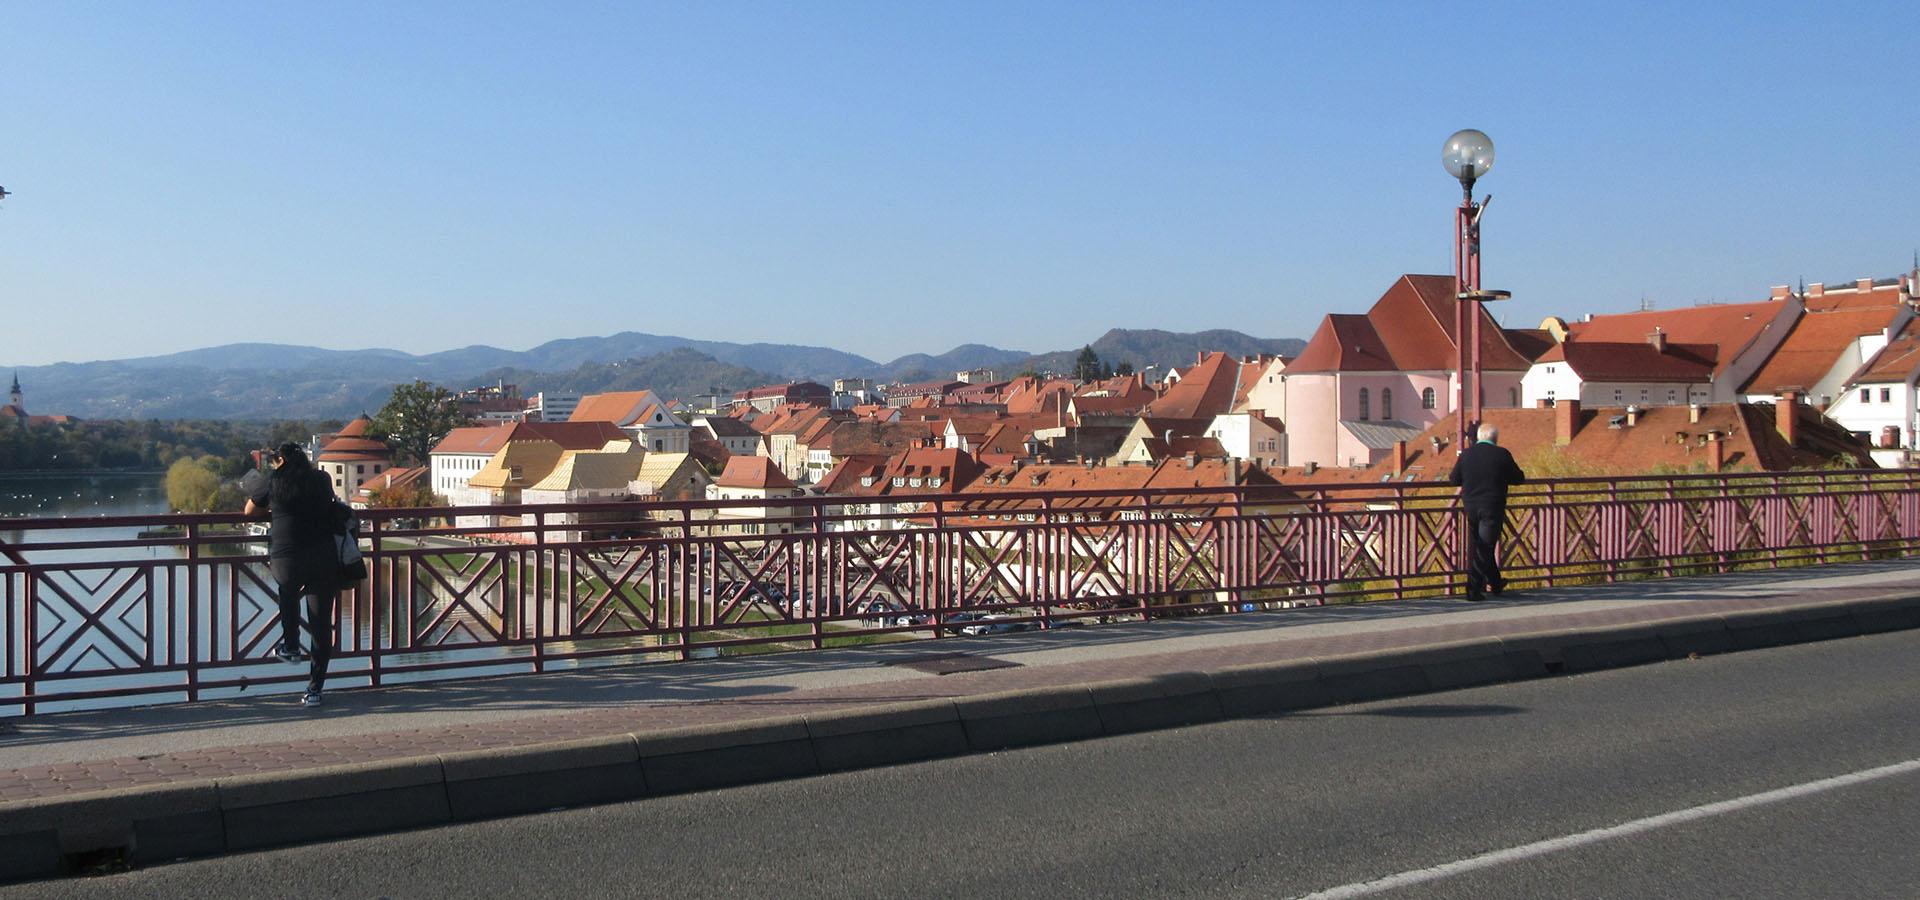 SLOVENIA – Accompagnare gli studenti di Maribor